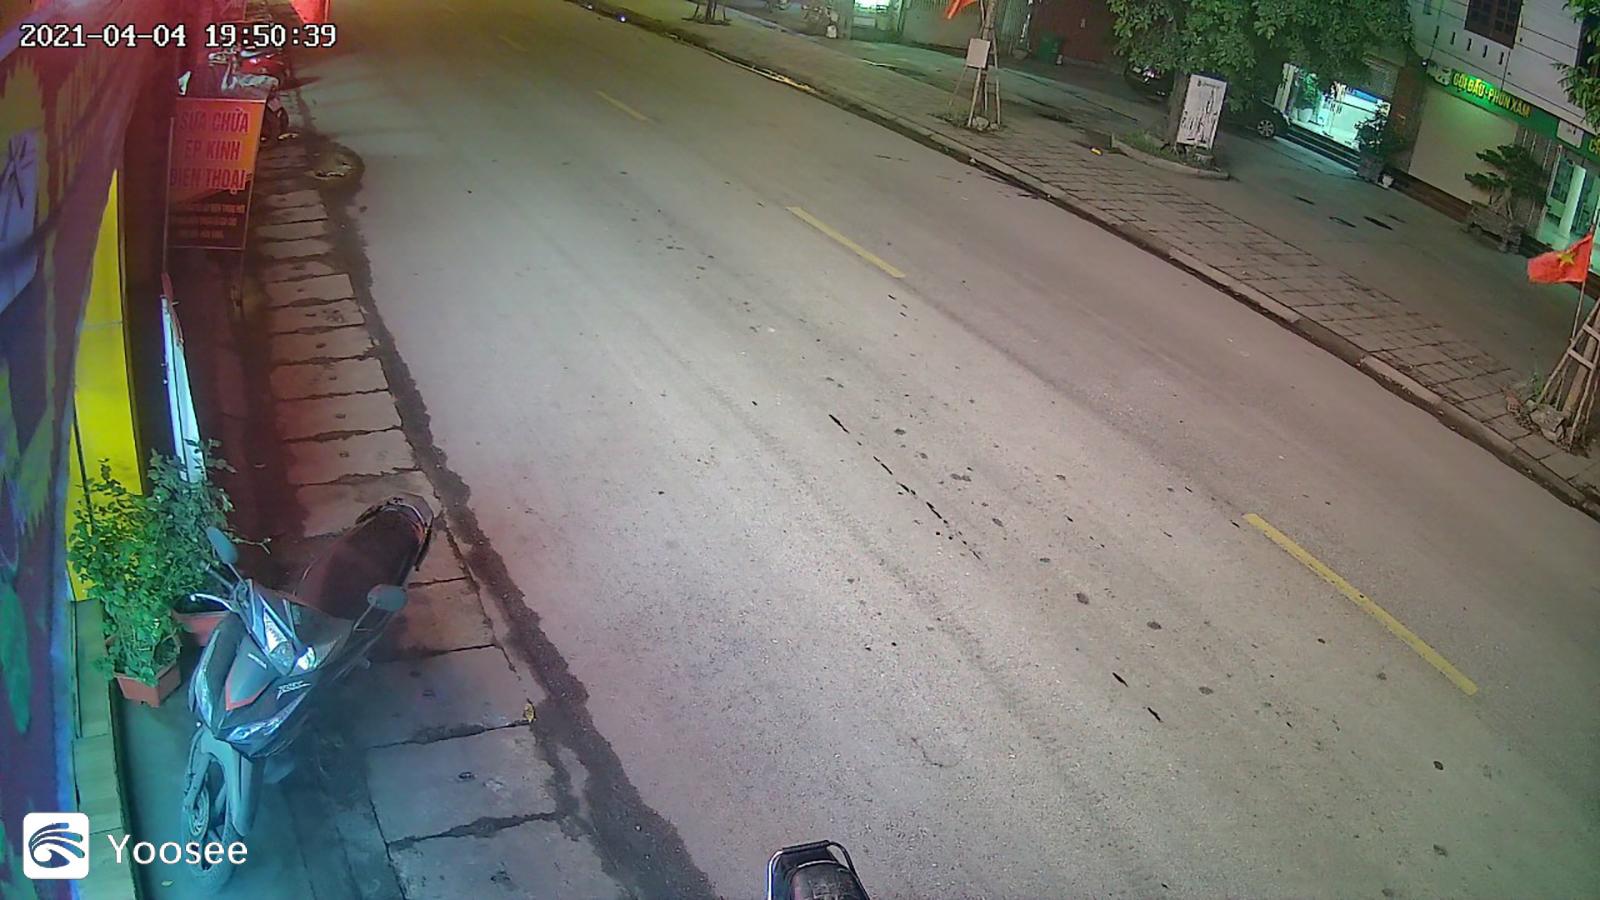 Camera wifi yoosee ngoài trời 20 LED 4 râu thân xoay Full HD 1080P Quay đêm có màu, Chống Nước đàm thoại 2 chiều , App ngôn ngữ tiếng Việt - Hàng Nhập Khẩu